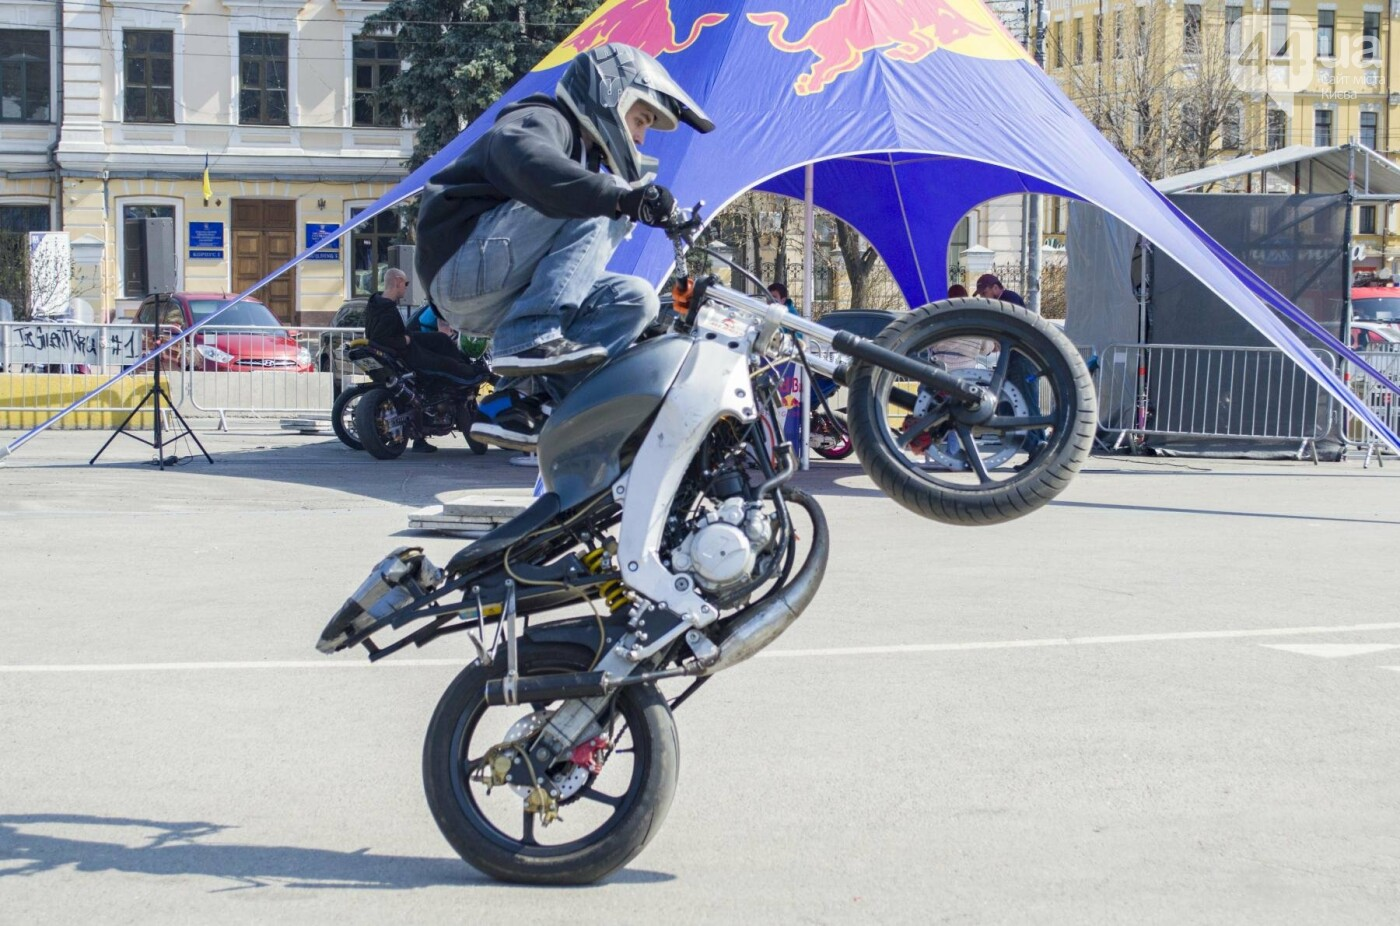 Мотогонки, автошоу патрульных и мощный дрифт: на Подоле проходит масштабный фестиваль драйва, фото-2